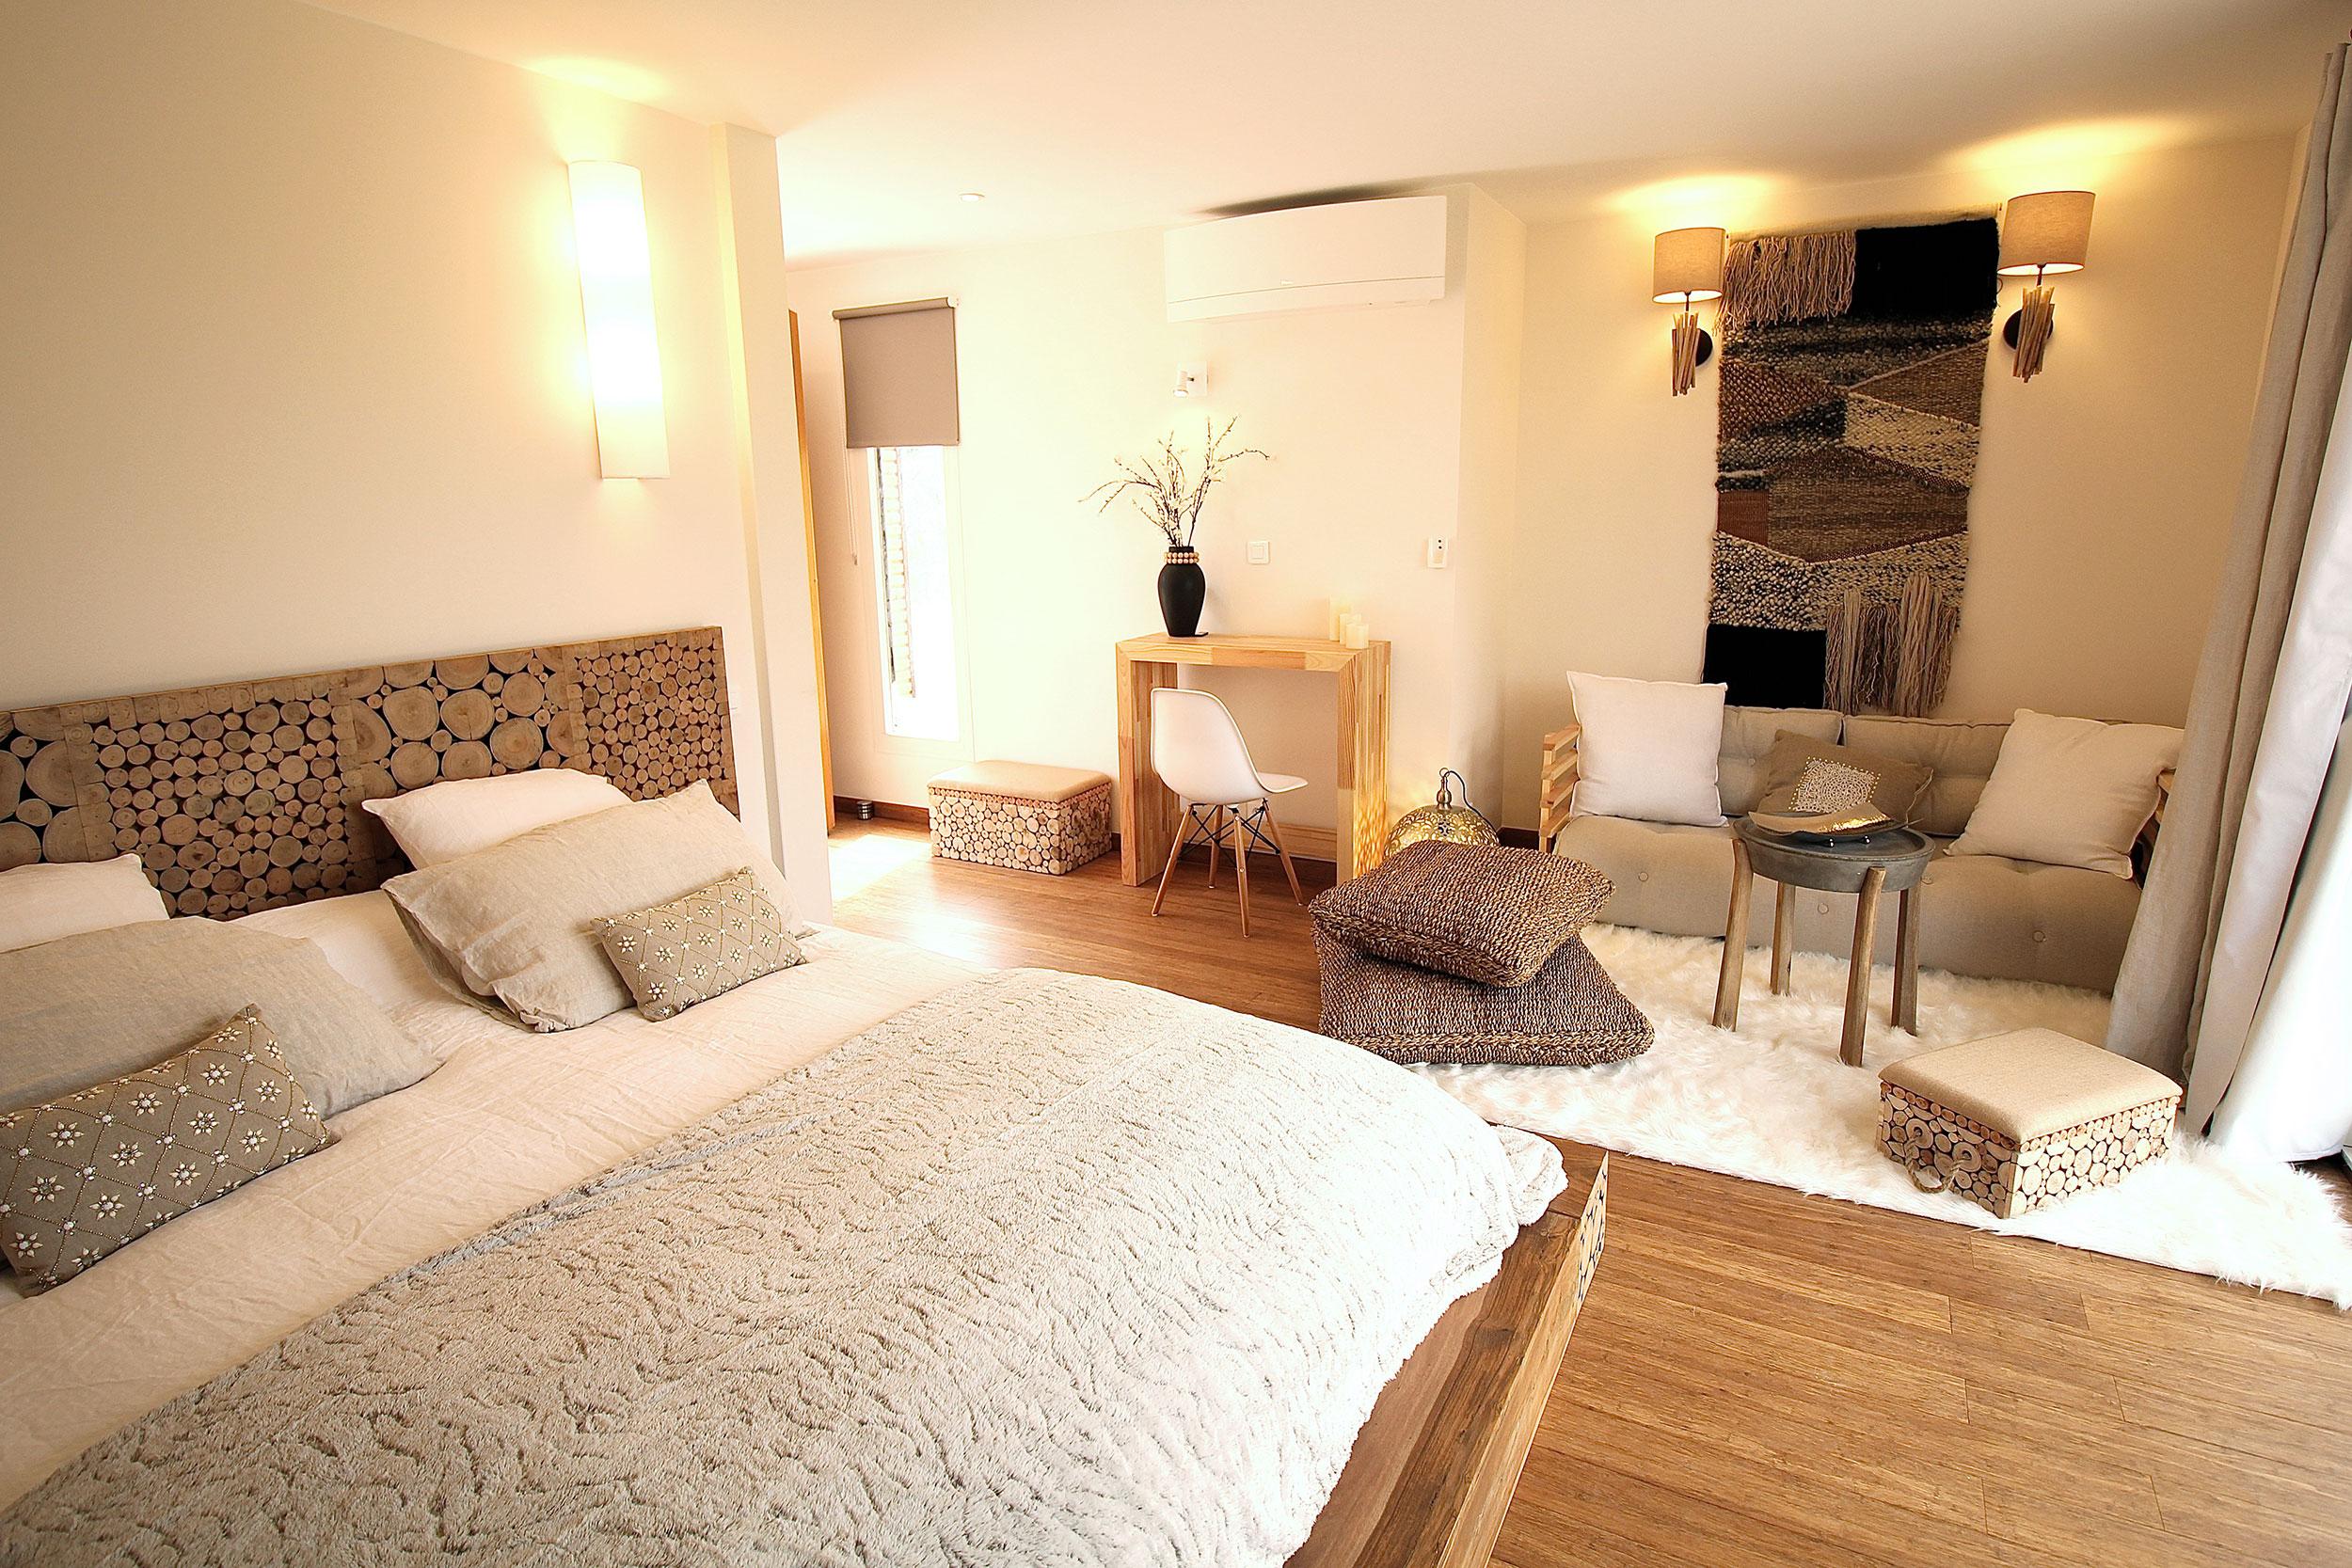 Location Du Mas, Chambres D'Hôtes En Provence - Le Mas Des encequiconcerne Chambre D Hote Merlimont